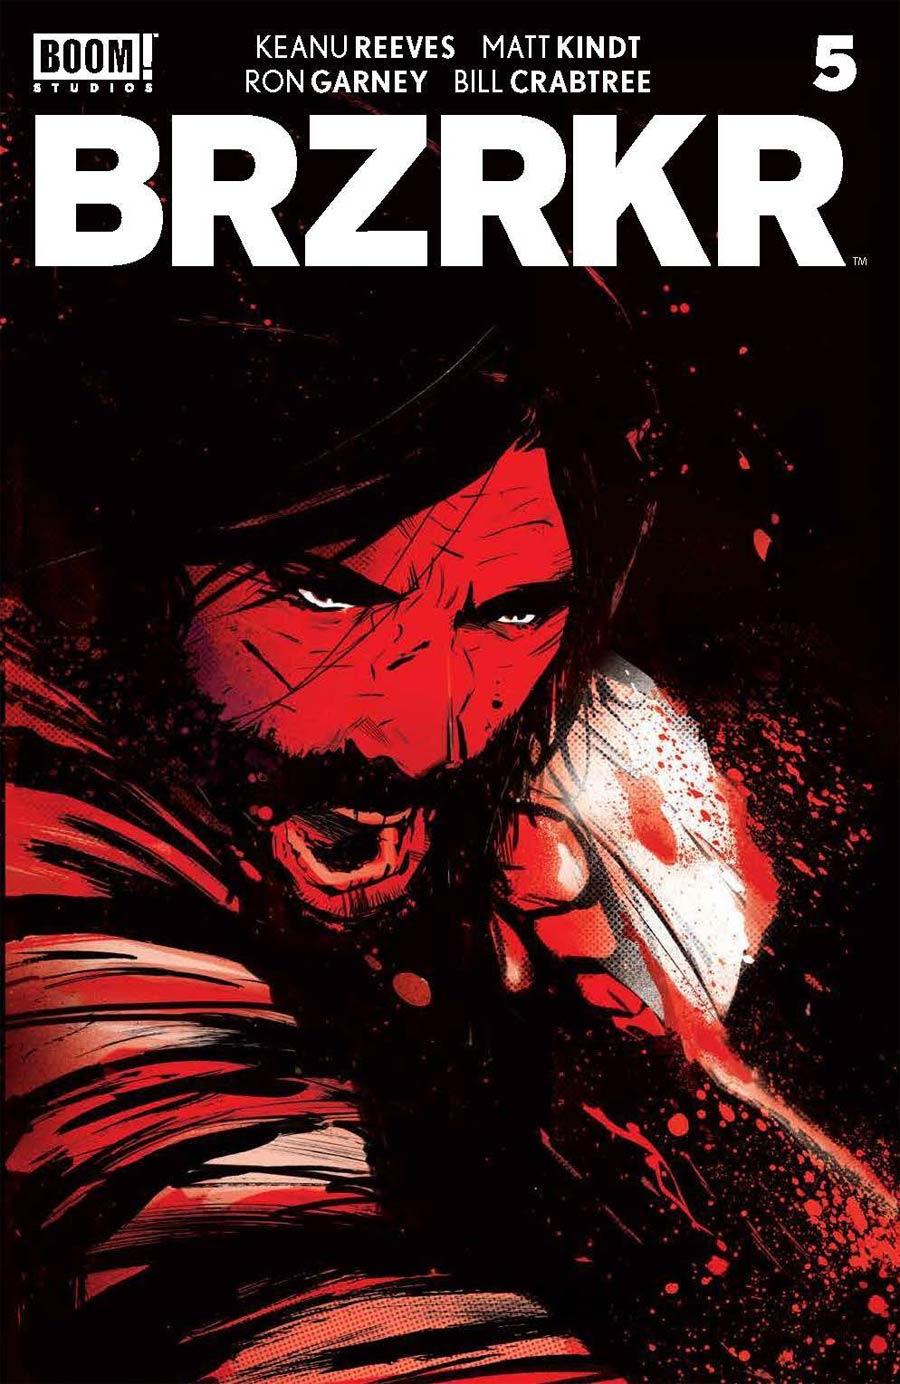 BRZRKR (Berzerker) #5 Cover C Variant Lee Garbett Foil Cover